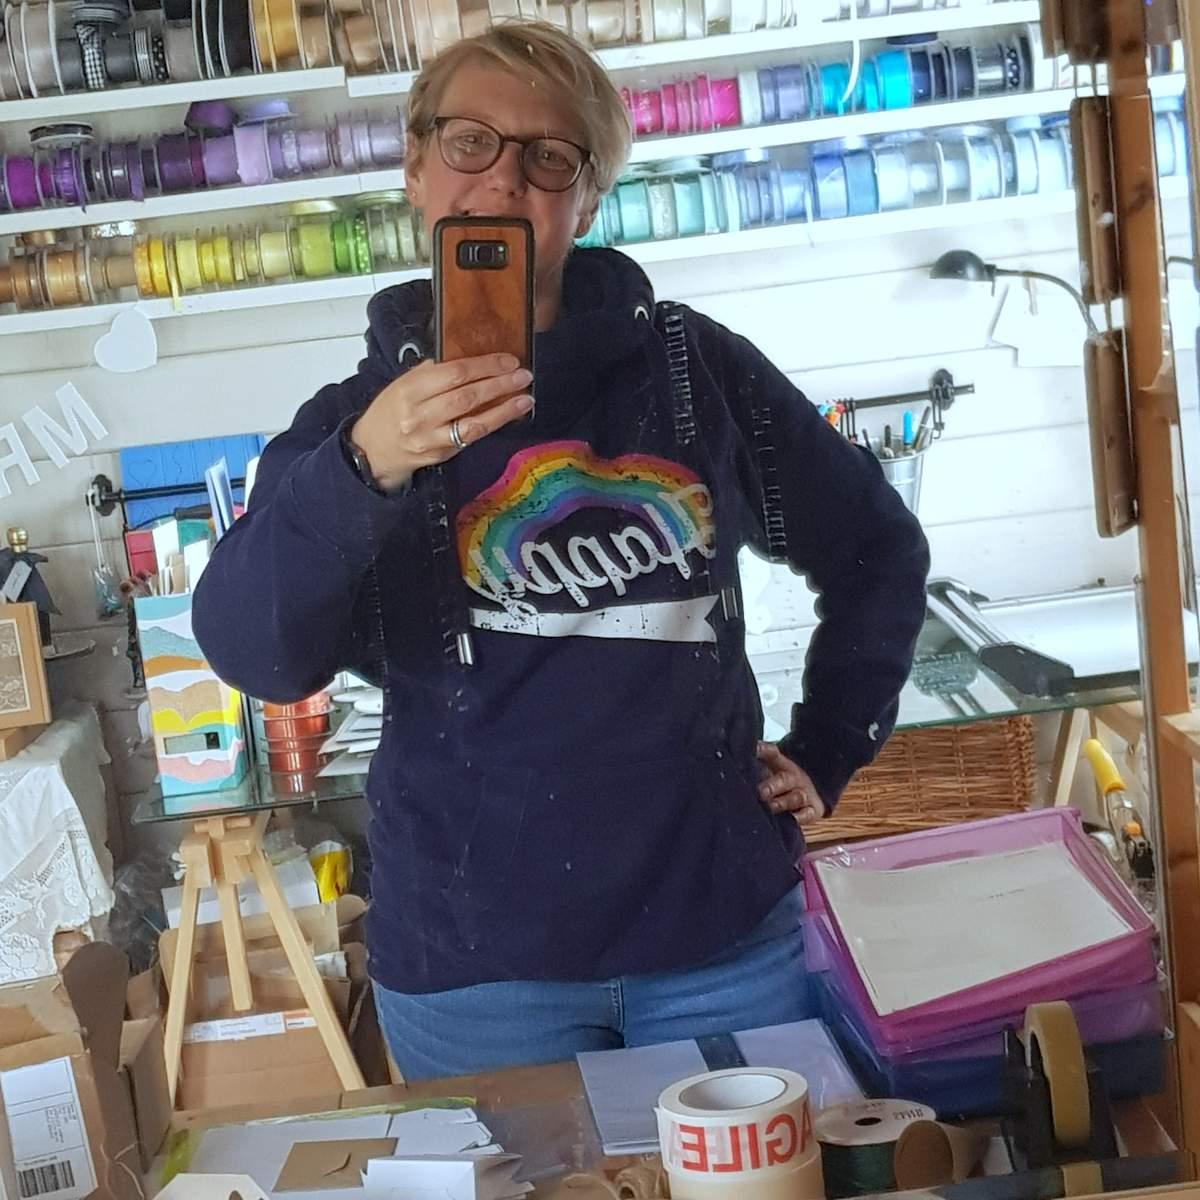 Jo, wearing a rainbow design hoody, taking a mirror selfie in her wedding stationery studio